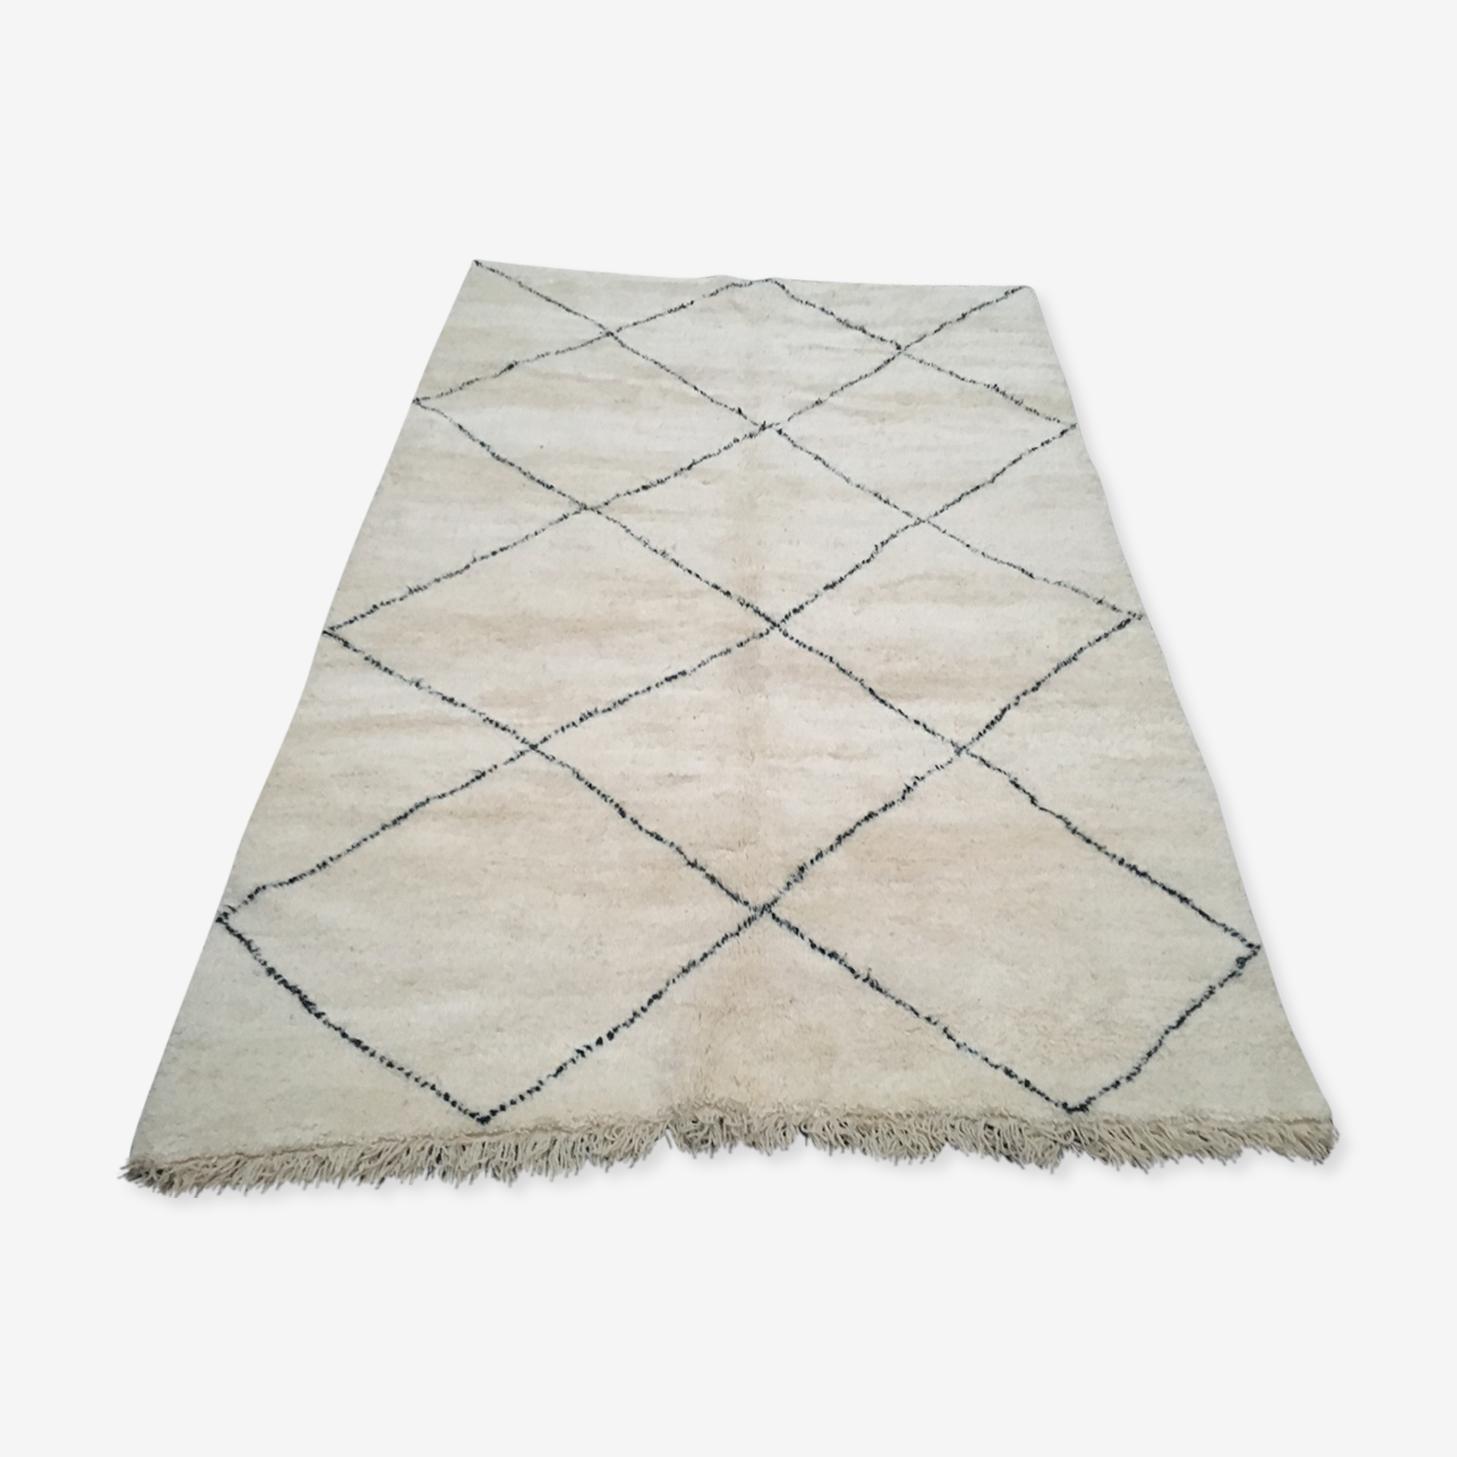 Tapis beni ouarain authentique noué Maroc 315 x 205 cm